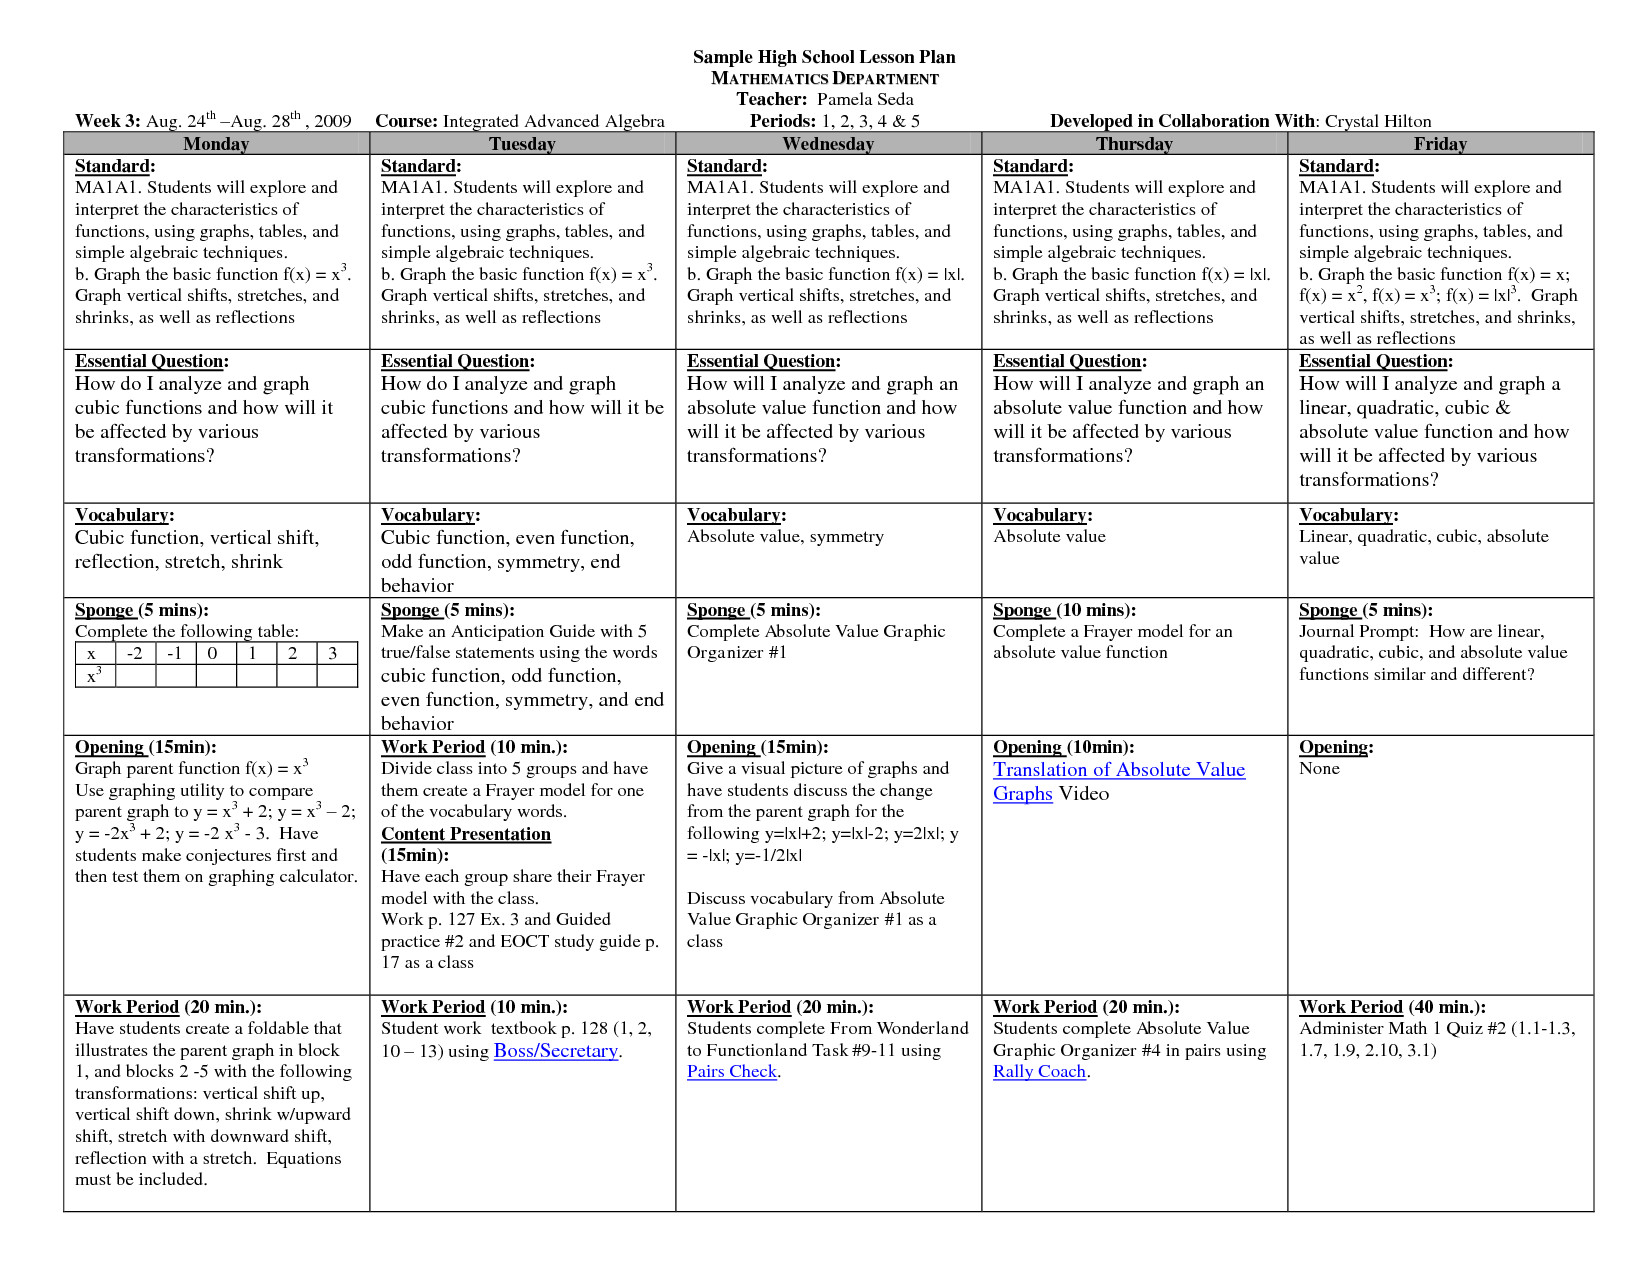 Lesson Plan Template High School Math Lesson Plan Template High Schoolsample Hs Math Weekly